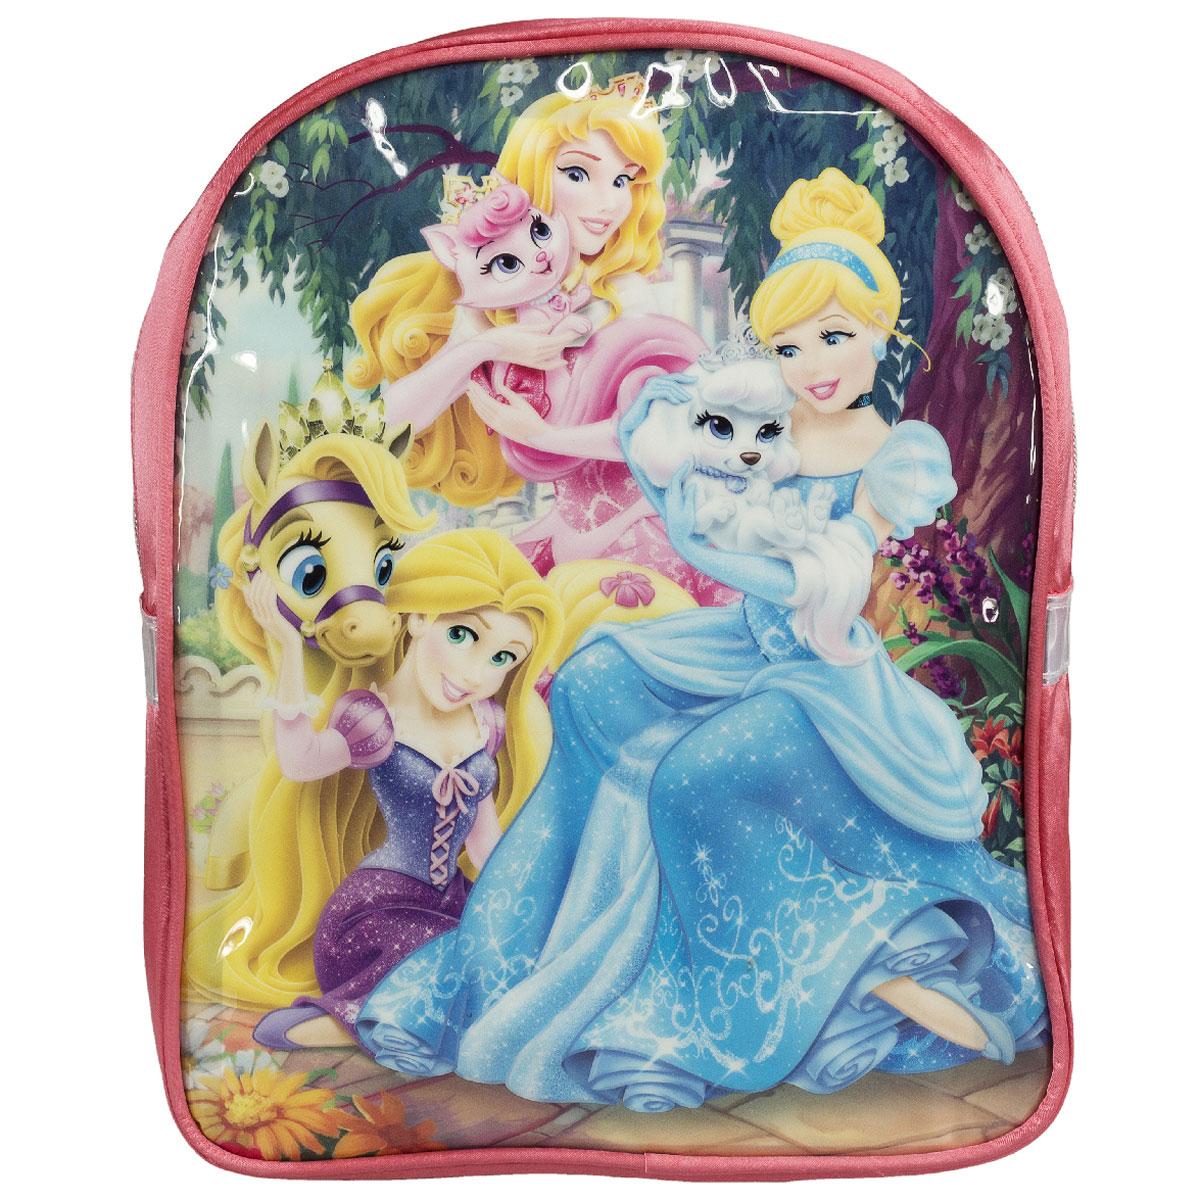 Рюкзак детский Disney Princess, цвет: розовый. PRCB-UT4-561PRCB-UT4-561Рюкзак детский Disney Princess обязательно пригодится вашему ребенку. Он может взять его с собой на прогулку, в гости или в детский сад. Выполнен рюкзак из износоустойчивой ткани, что позволяет ему верно служить долгое время. Оформлен рюкзак изображением замечательных принцесс с животными. Содержит одно отделение, закрывающееся на застежку-молнию. Внутри отделения находится небольшой кармашек на молнии. Рюкзак оснащен регулируемыми по длине широкими лямками и дополнен текстильной ручкой для переноски в руке. Светоотражающие элементы обеспечивают безопасность в темное время суток. Такой рюкзак порадует глаз и подарит отличное настроение вашему ребенку, который будет с удовольствием носить в нем свои вещи или любимые игрушки. Рекомендуемый возраст: от 7 лет.